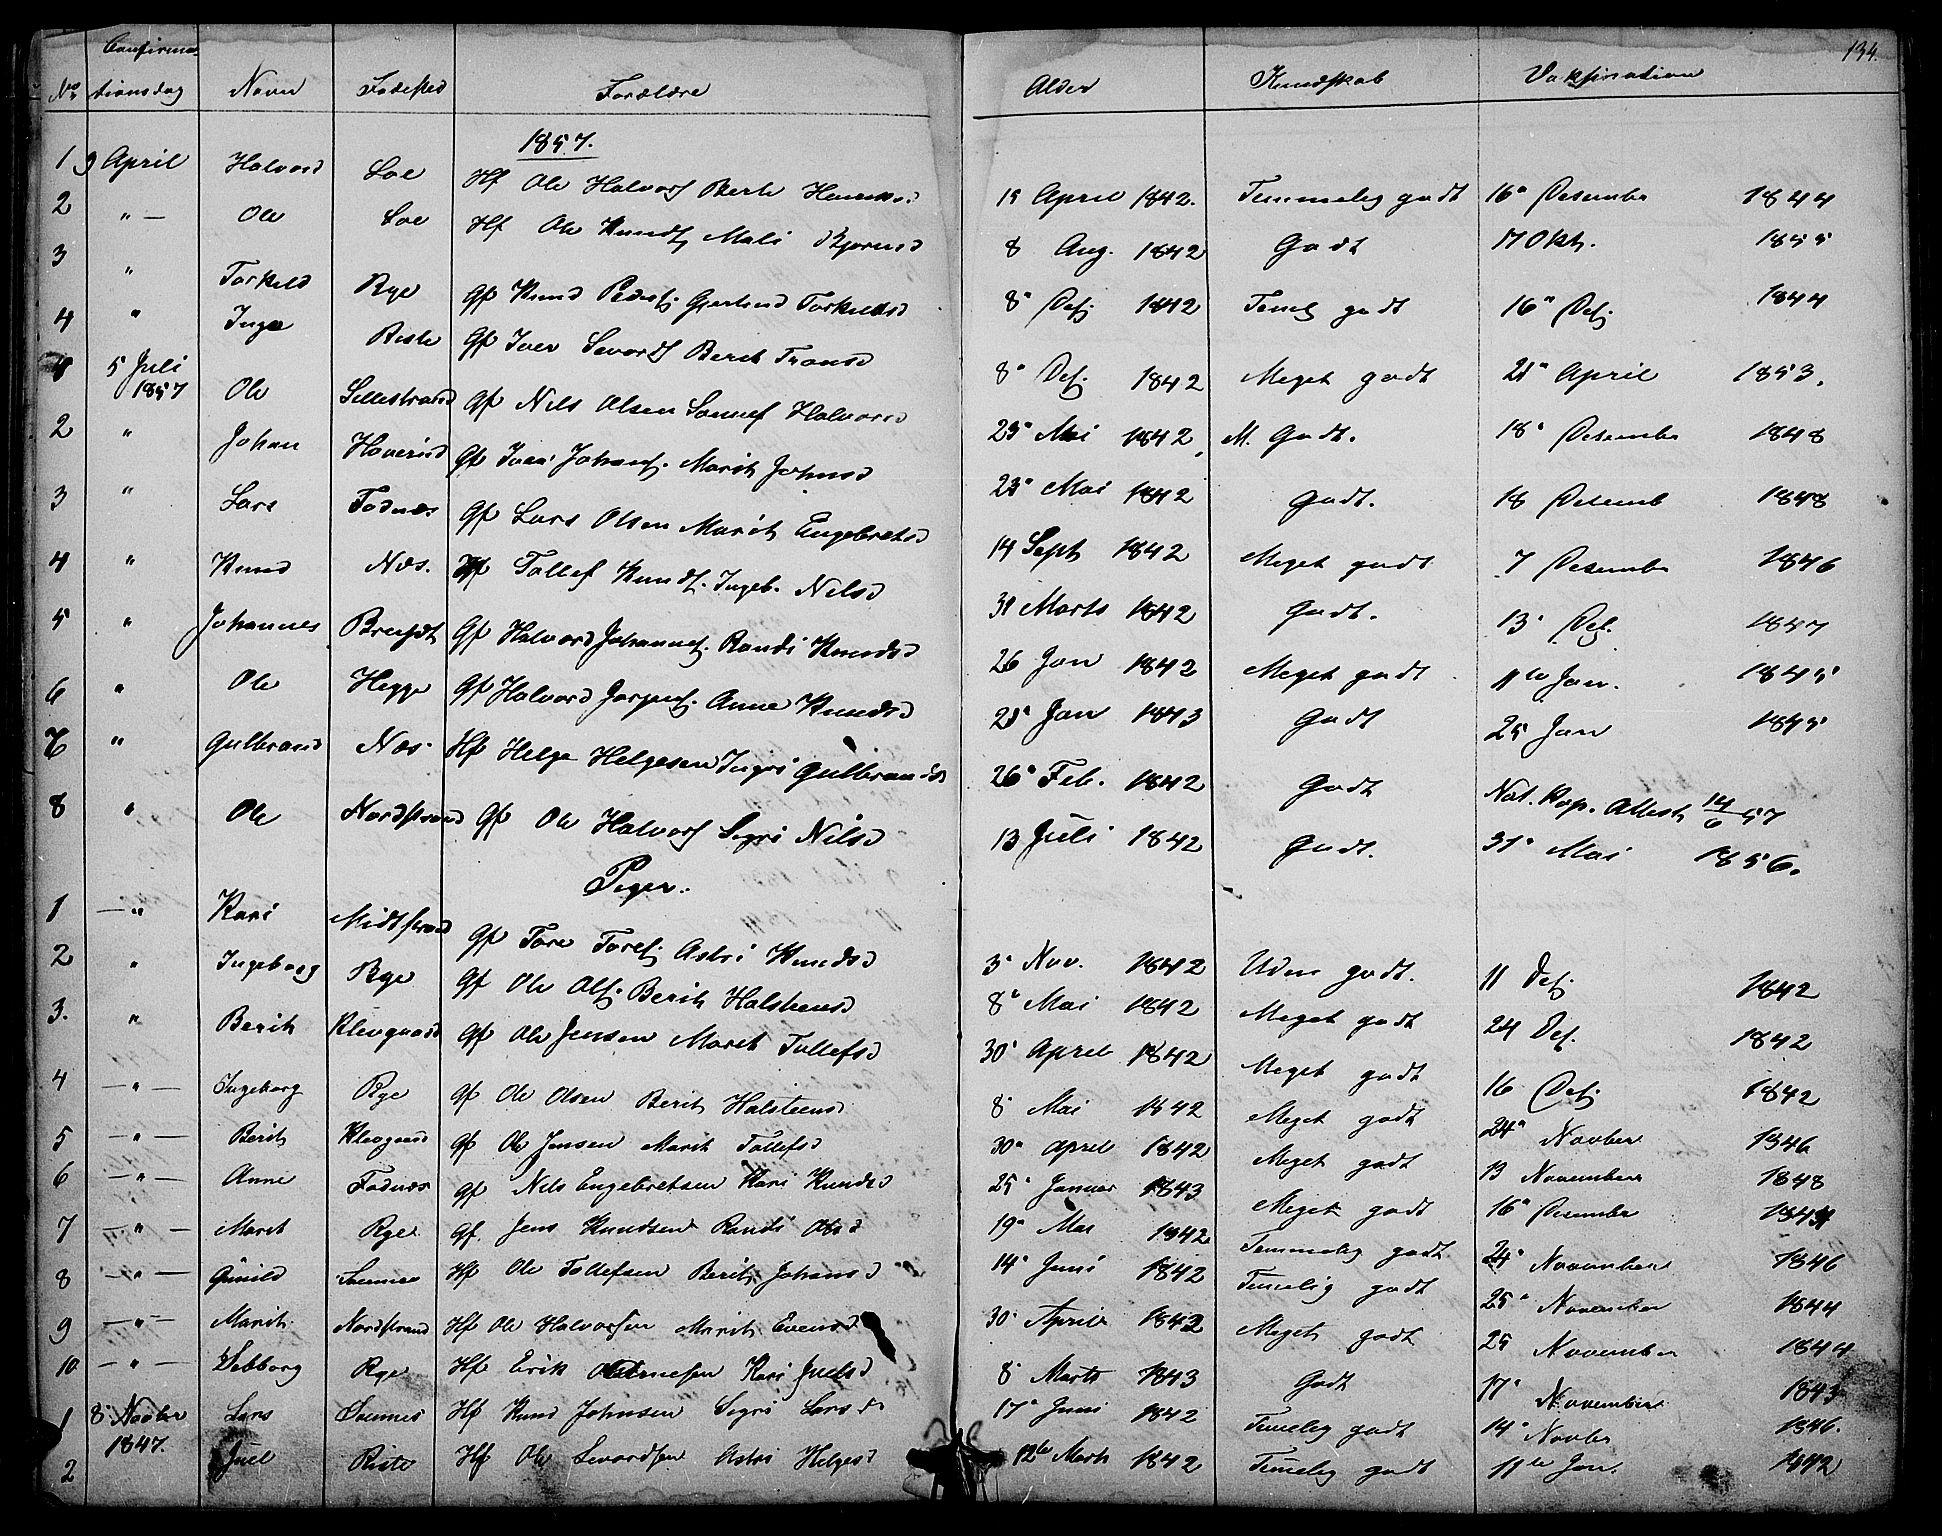 SAH, Nord-Aurdal prestekontor, Klokkerbok nr. 3, 1842-1882, s. 134